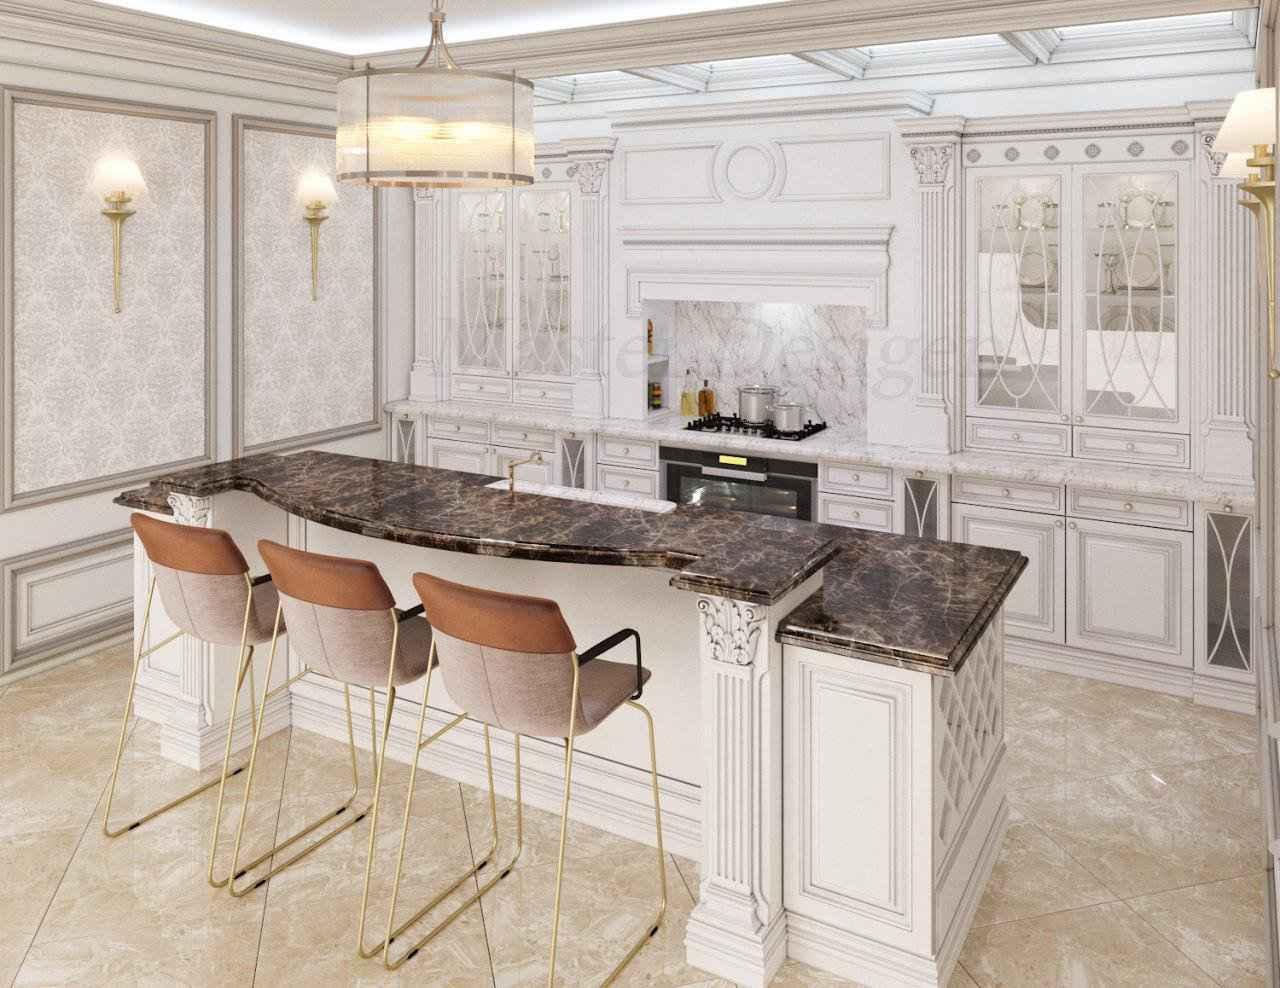 کابینت کلاسیک، مدل های کابینت کلاسیک که جلوه ی زیبایی به خانه ی شما می دهند.